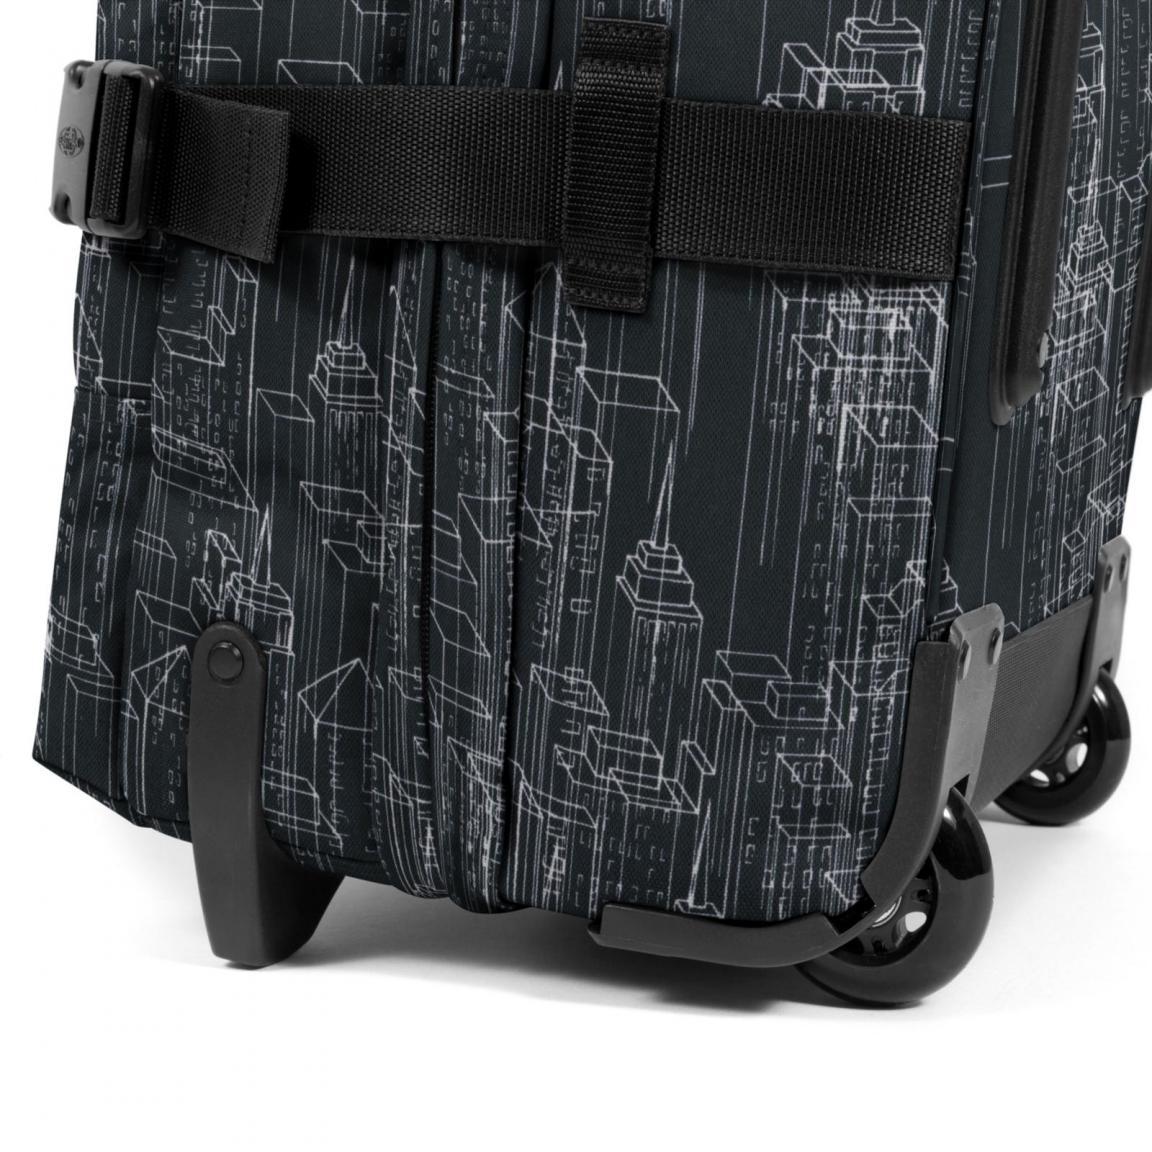 256c115f57fbe Eastpak TranverzL Koffertasche Coal dunkelgrün - Bags   more